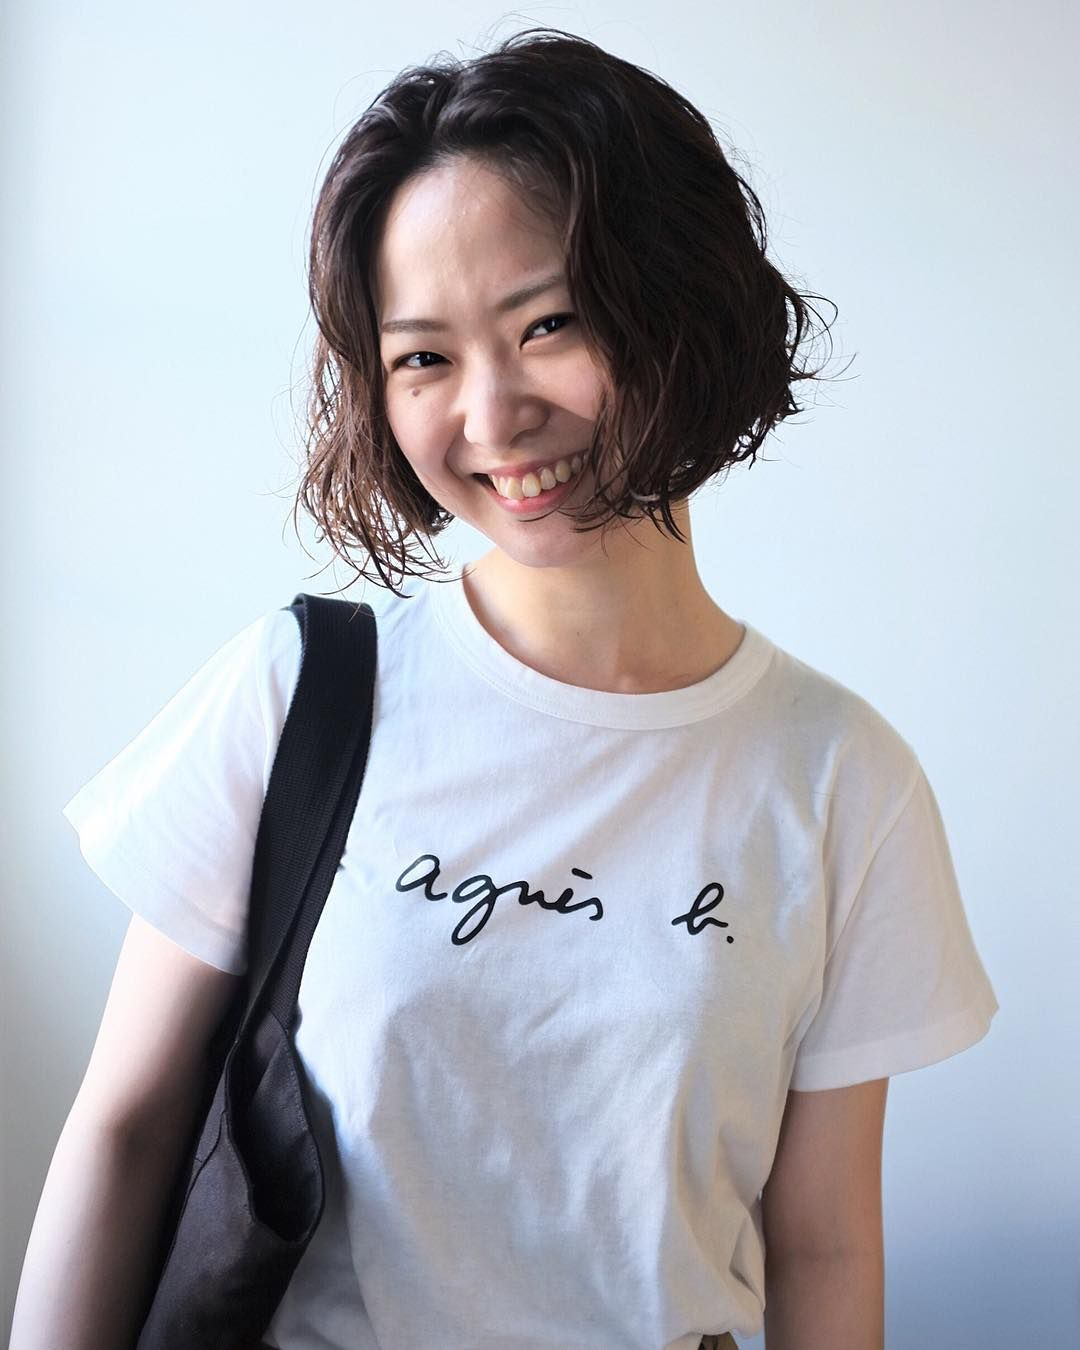 いいね 107件 コメント4件 Akihiro Kobayashiさん 0611akihiro の